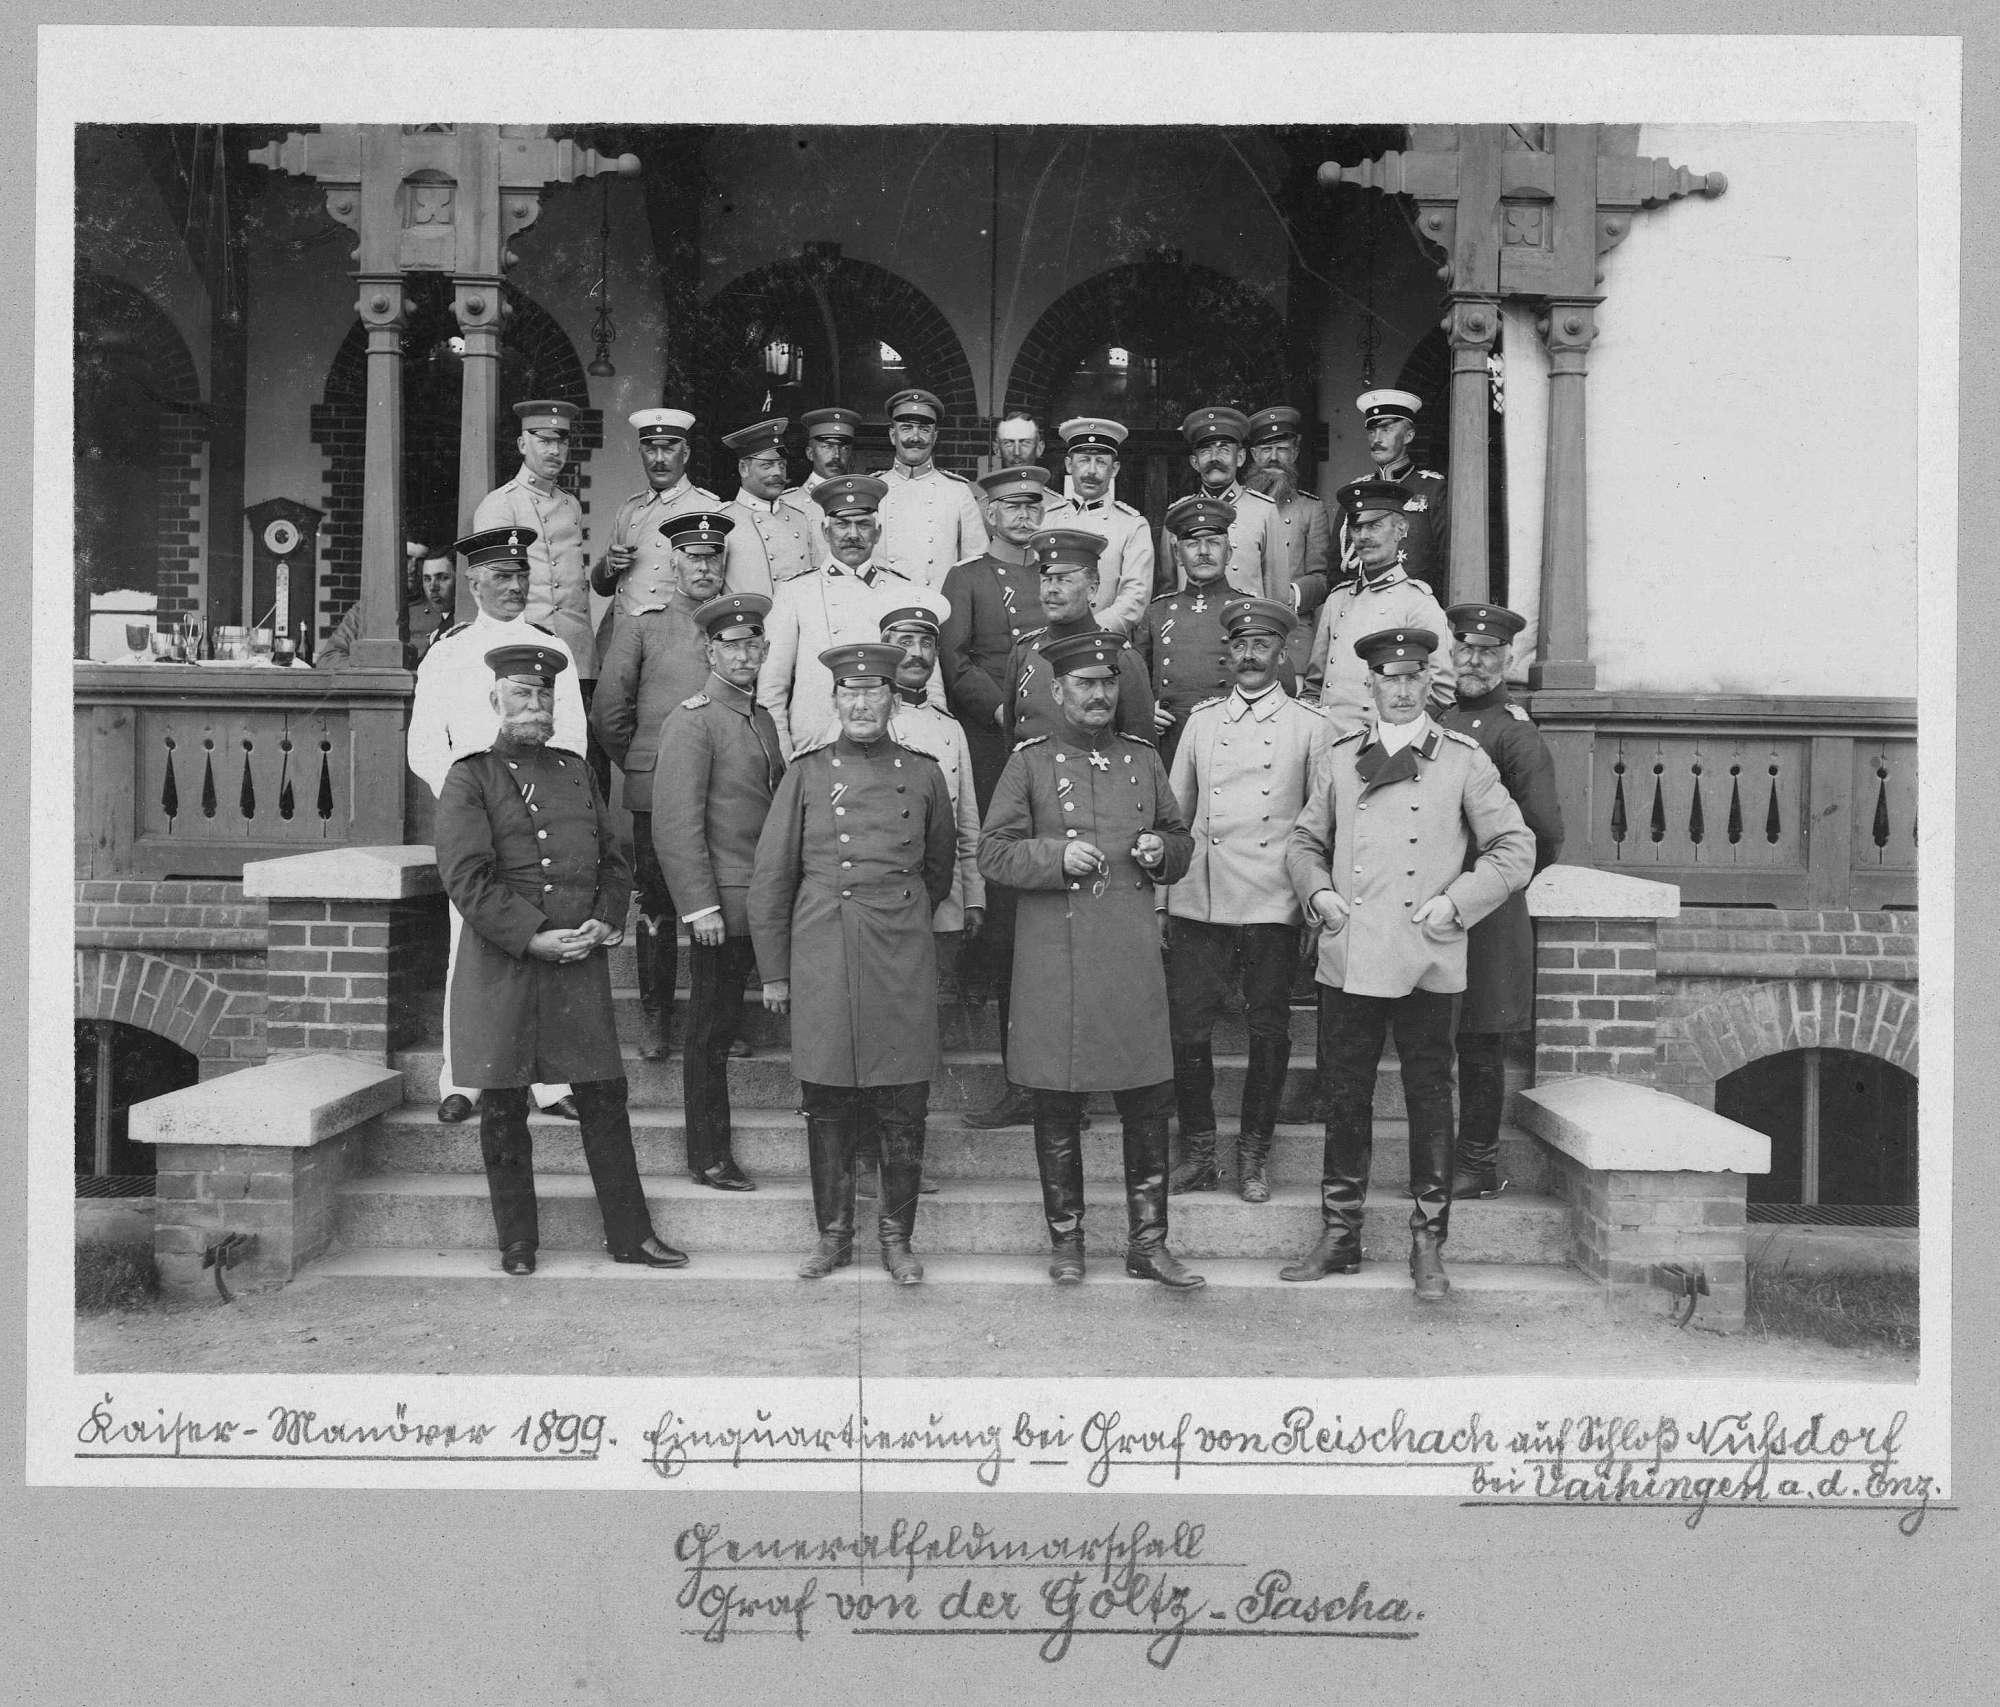 Kaisermanöver 1899: Gruppenbild mit fünfundzwanzig Personen, Freiherr Colmar von der Goltz-Pascha, preussischer türkischer General und sein Offiziersstab bei der Einquartierung bei Graf von Reischach, Schloss Nußdorf bei Vaihingen a. d. Enz, Bild 1